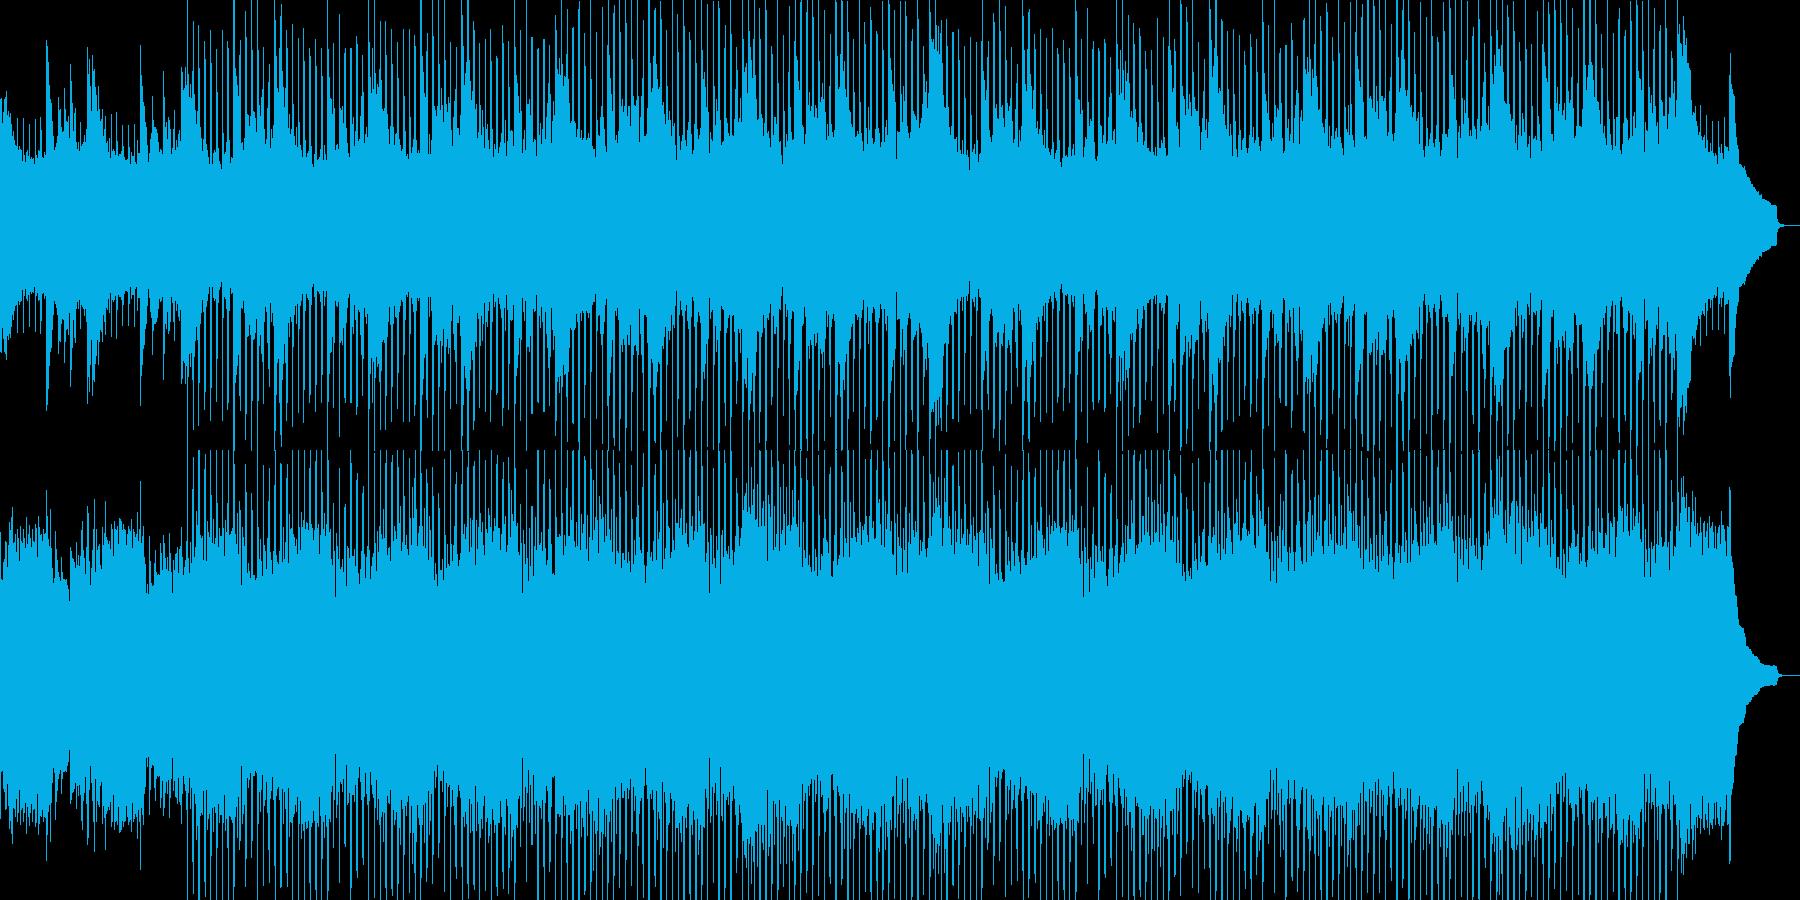 企業VP系52、爽やかピアノ4つ打ちaの再生済みの波形